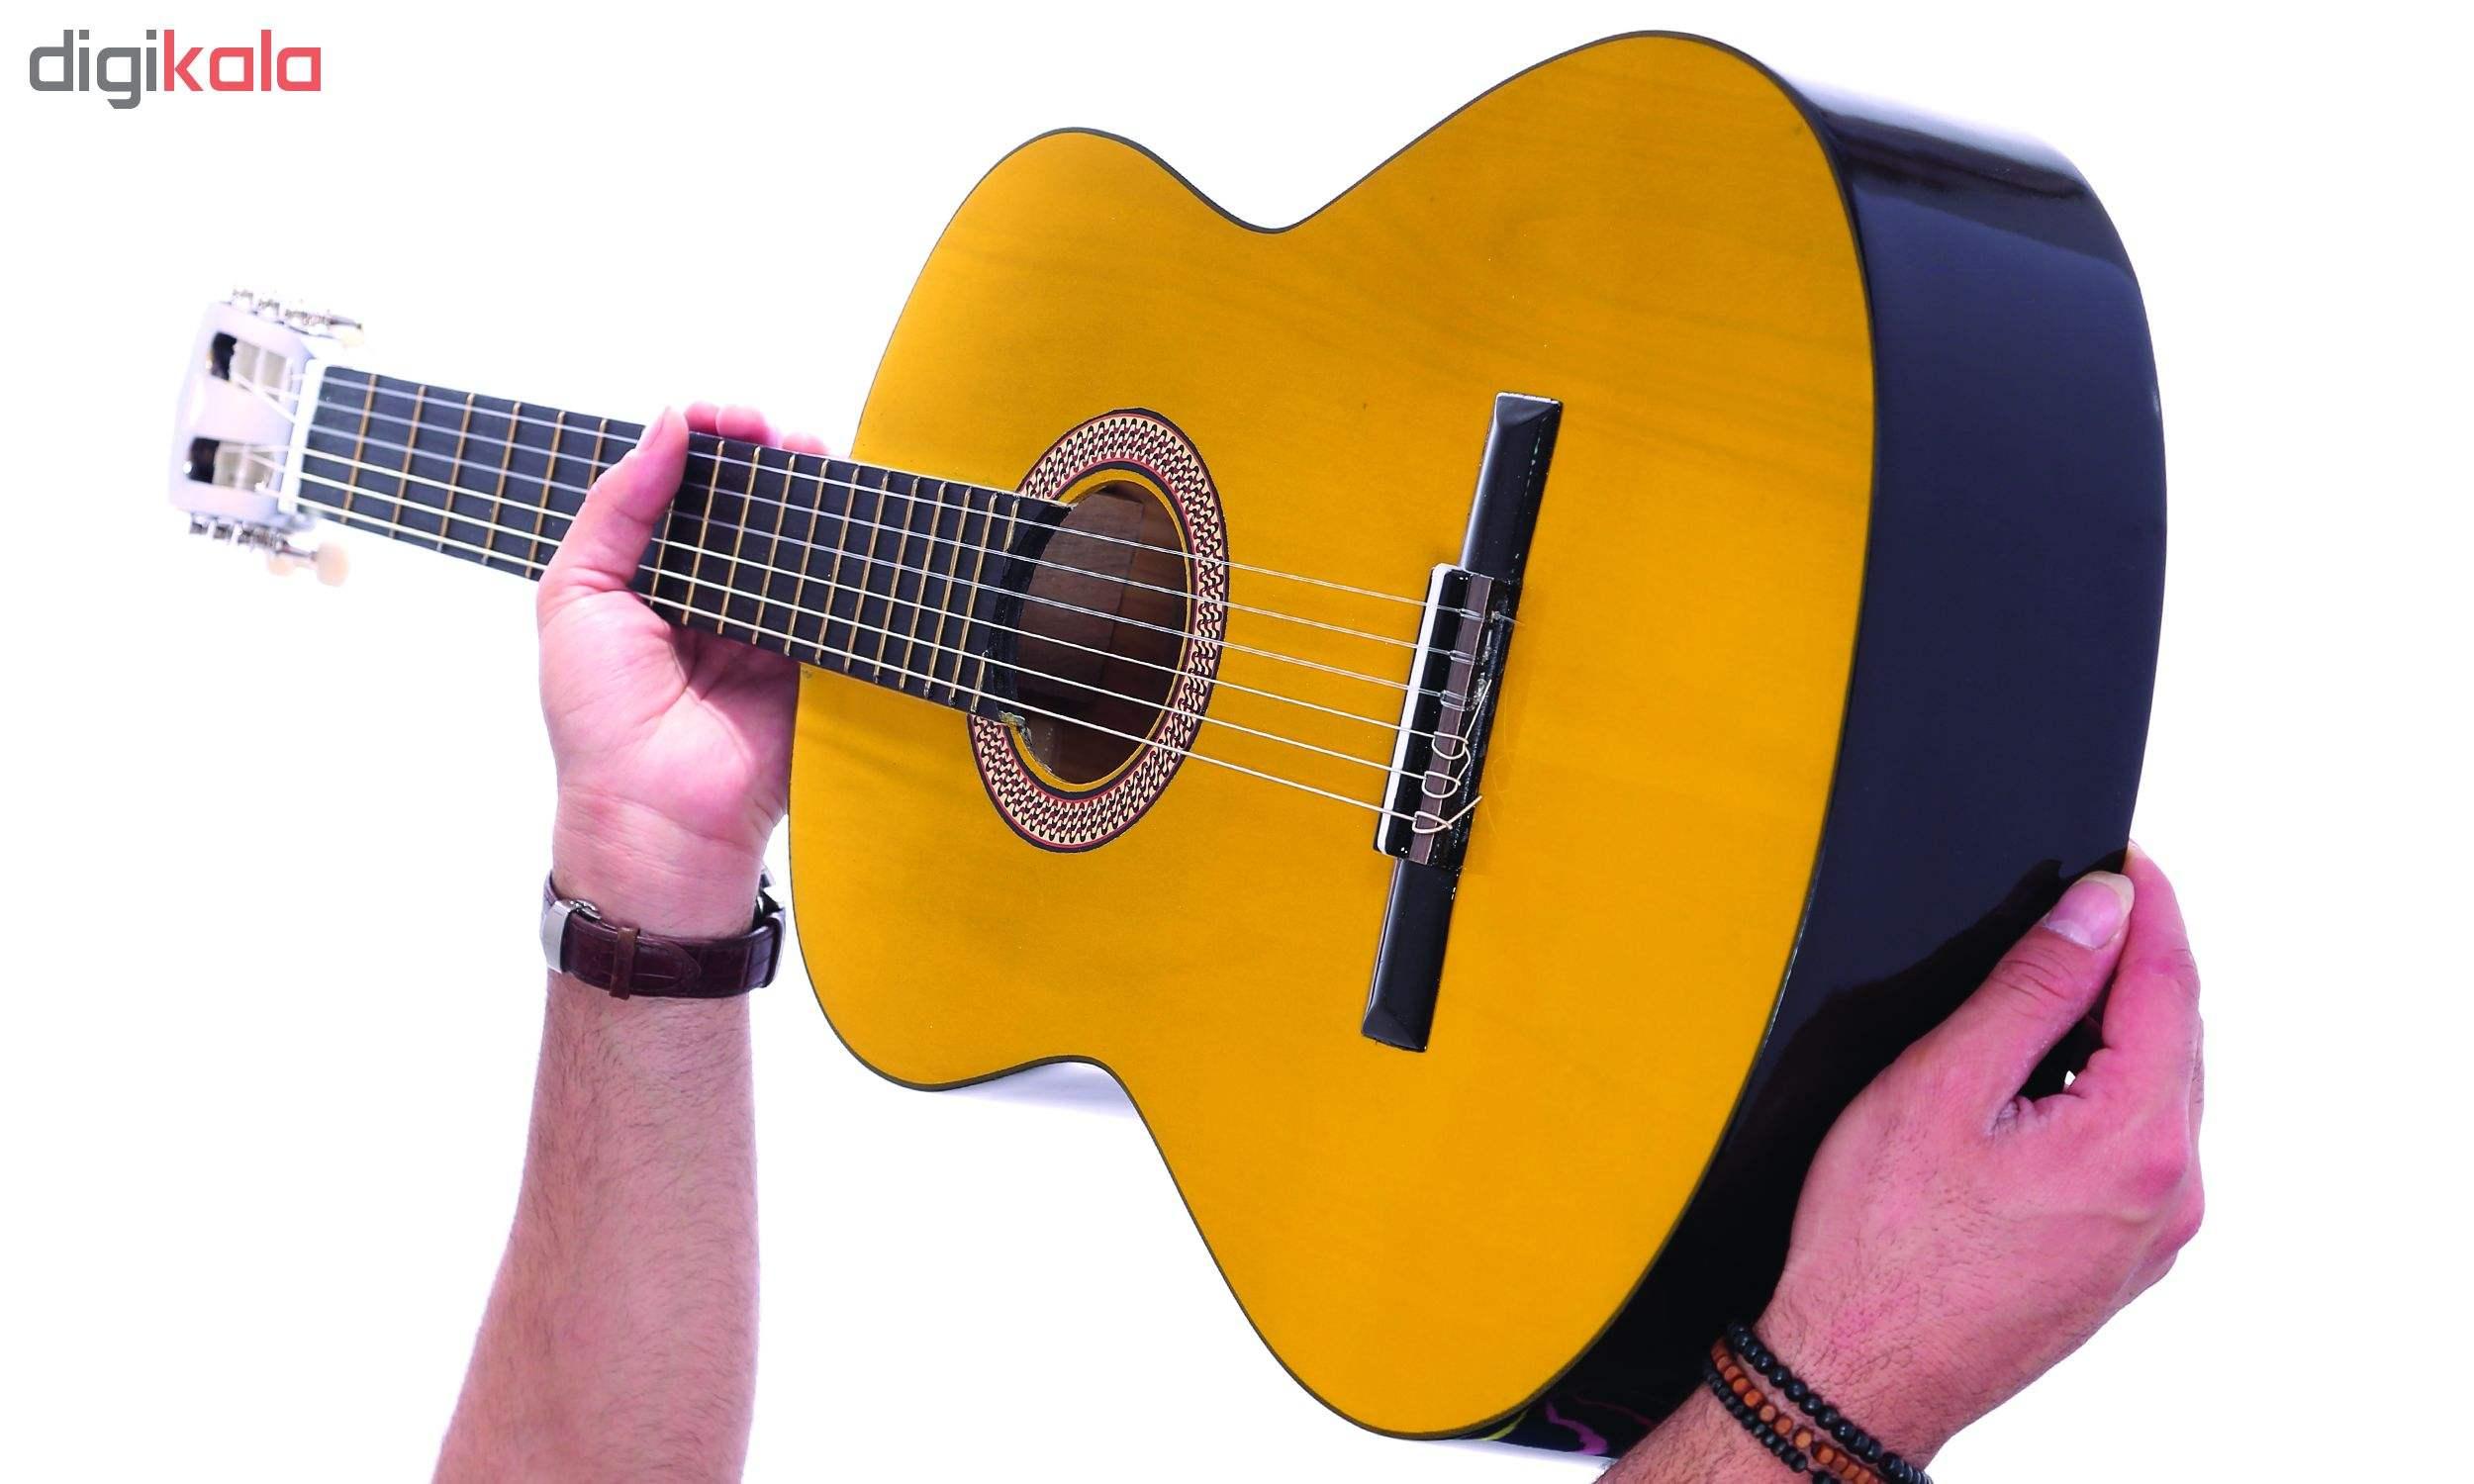 گیتار دایموند مدل TS600 main 1 6